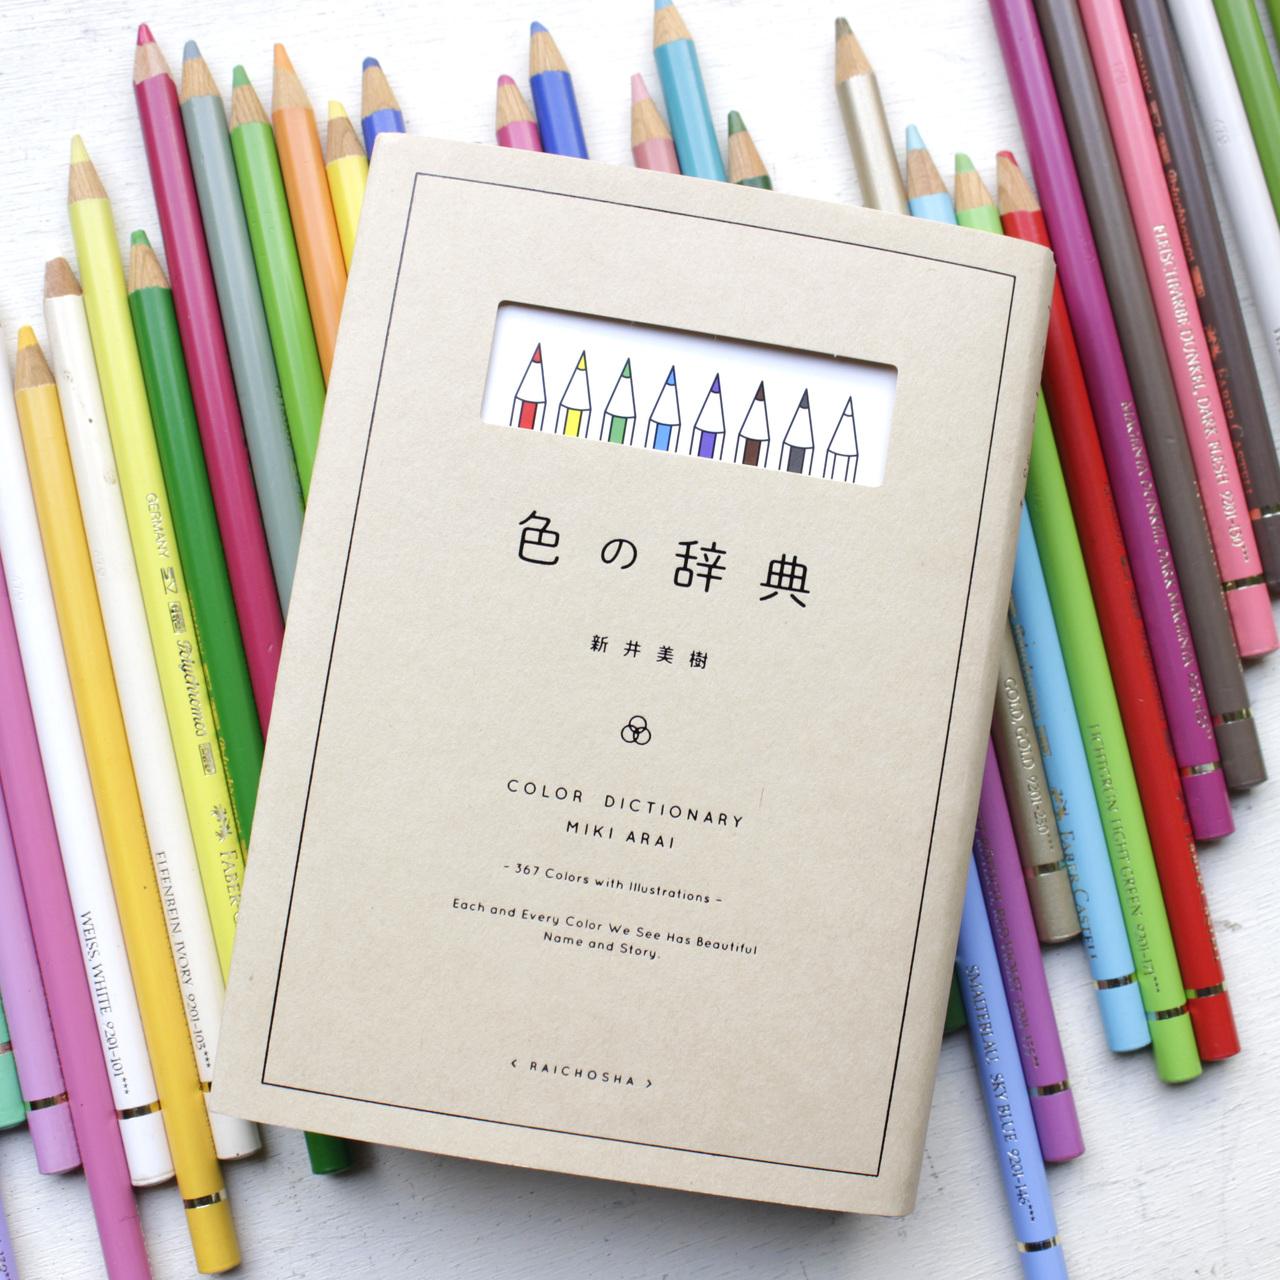 【5/12(土) 『色の辞典』出版記念 新井美樹トーク at 本とコーヒーtegamisha】